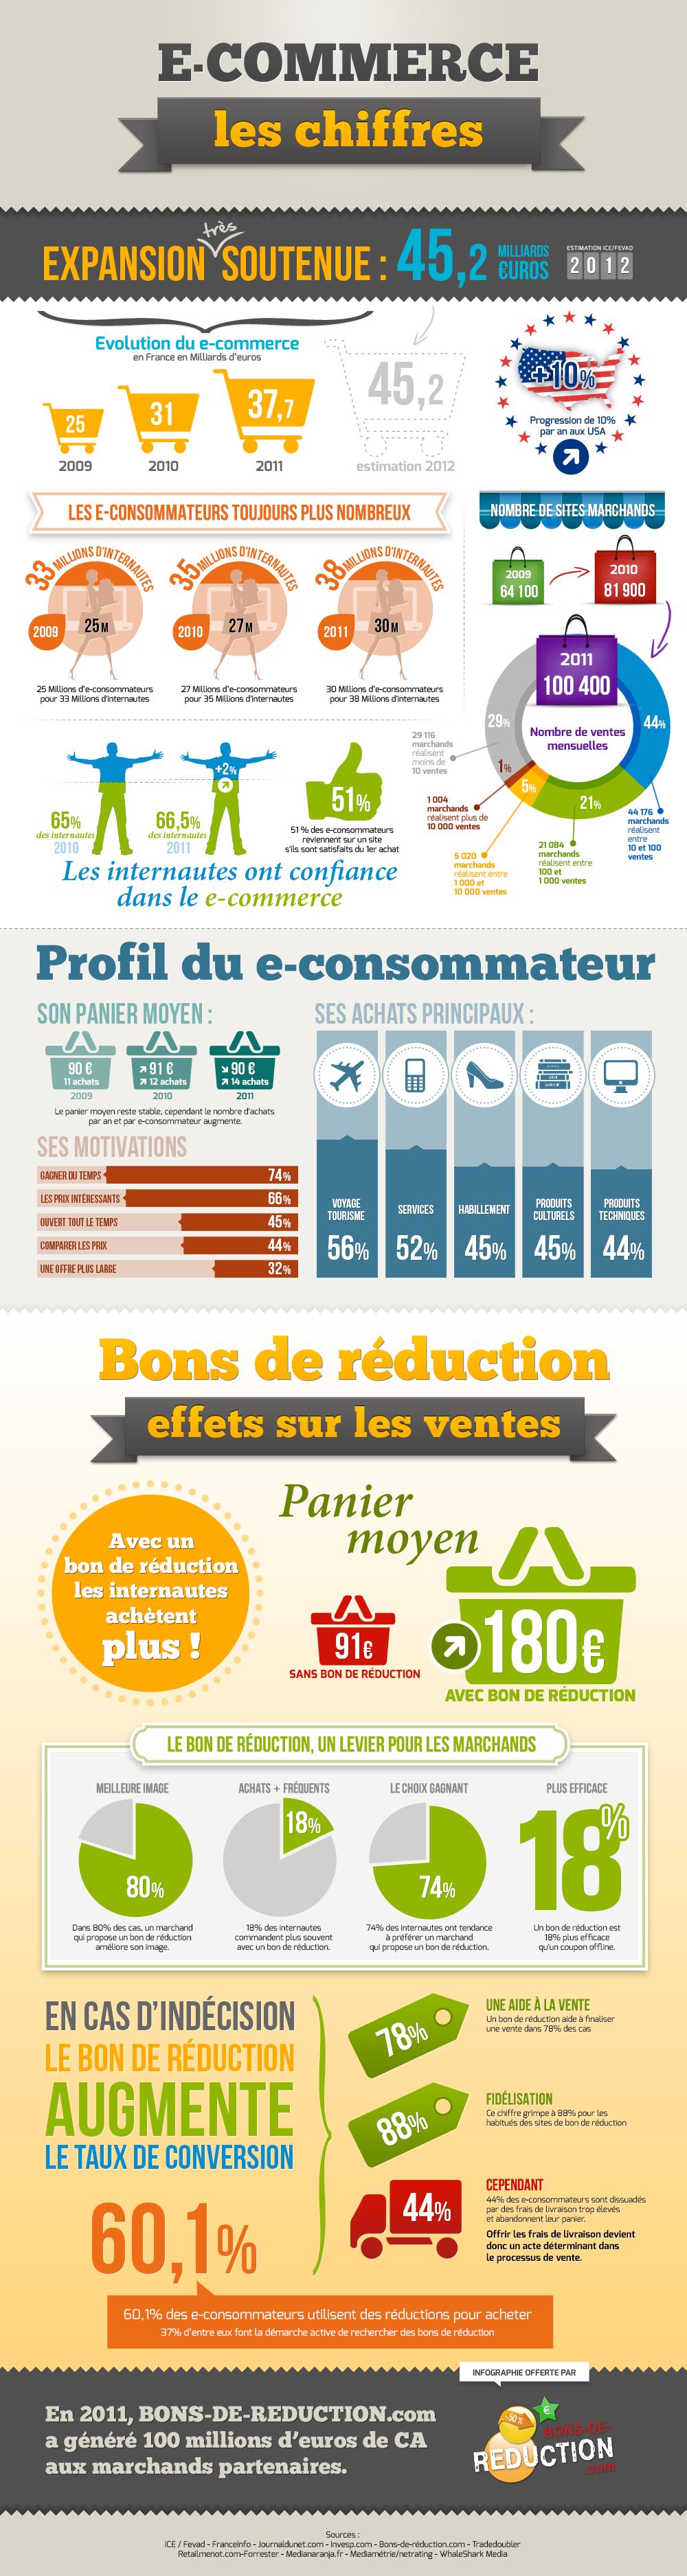 L'infographie sur les chiffres du e-commerce